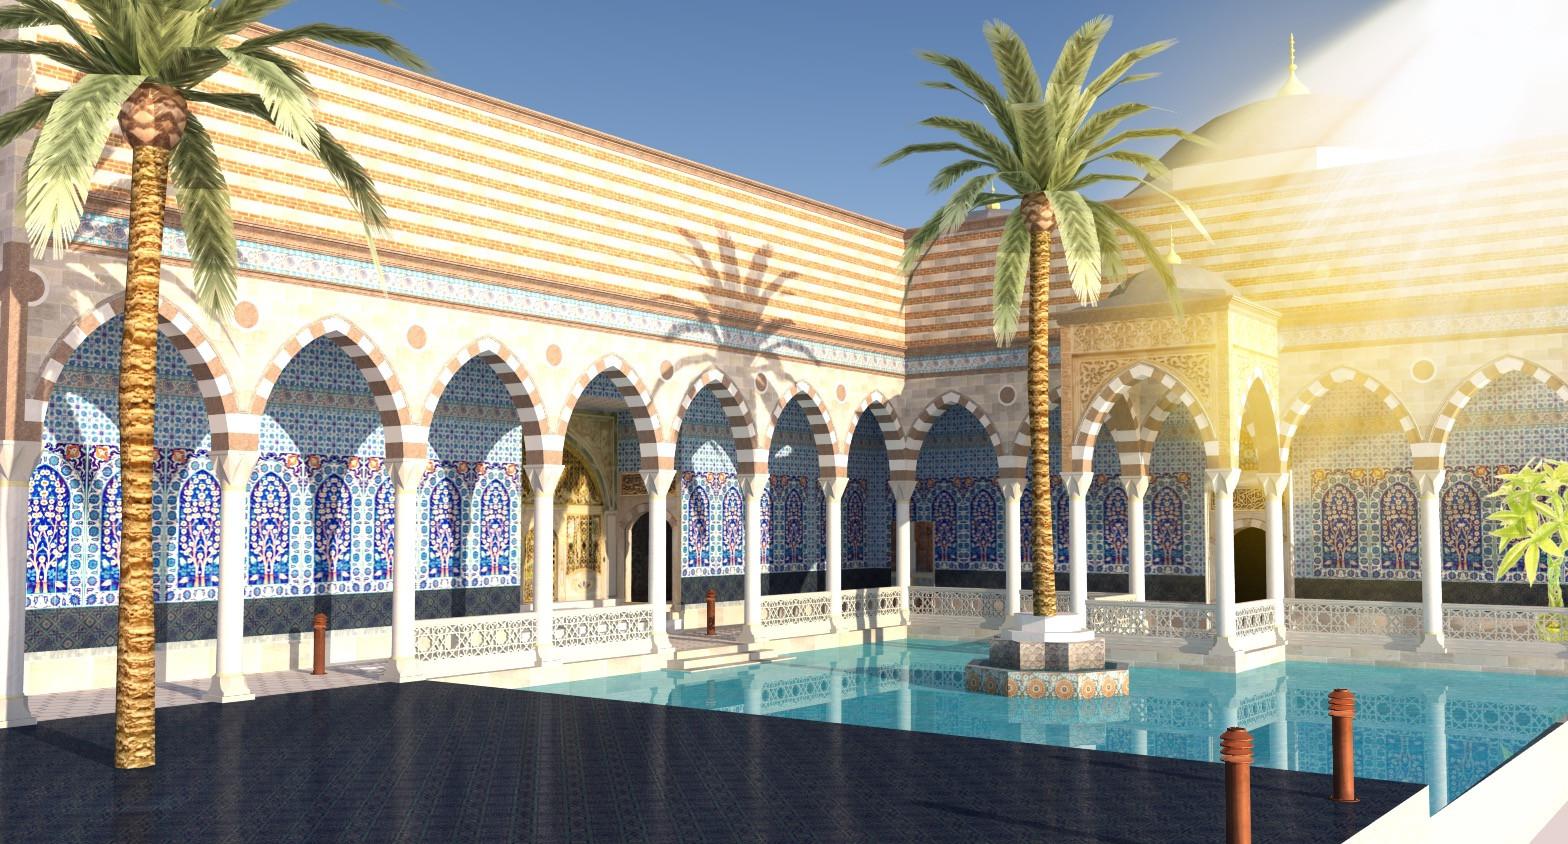 Arabic%20Architecture%202020-05-25%20140